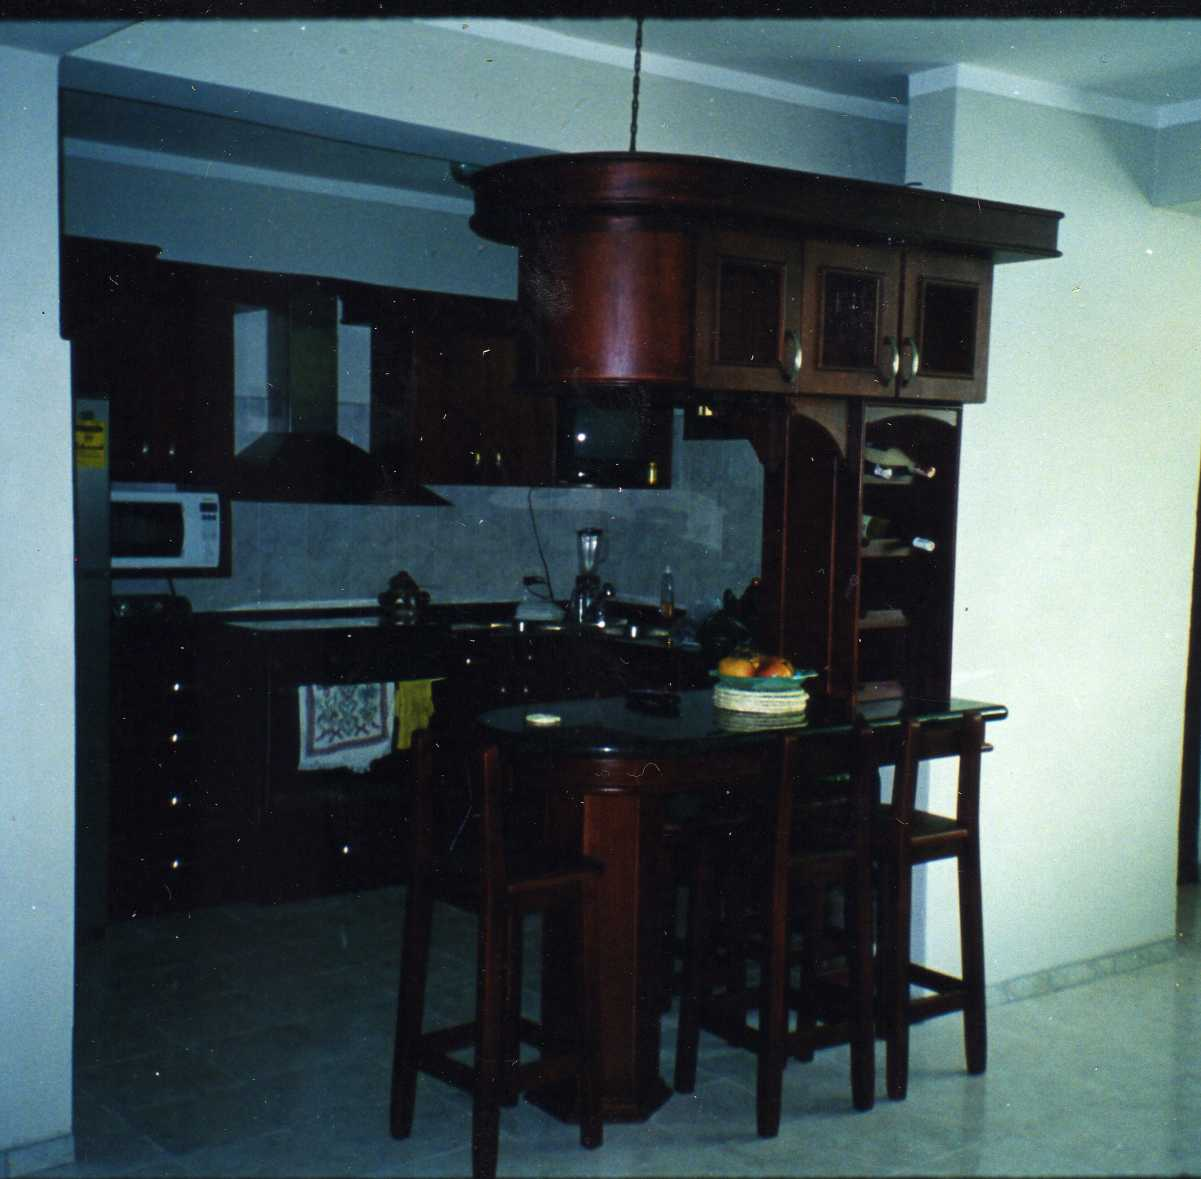 Mis trabajos en madera bar aereo y cocina empotrada en tono caoba bar aereo y cocina empotrada en tono caoba oscuro thecheapjerseys Gallery